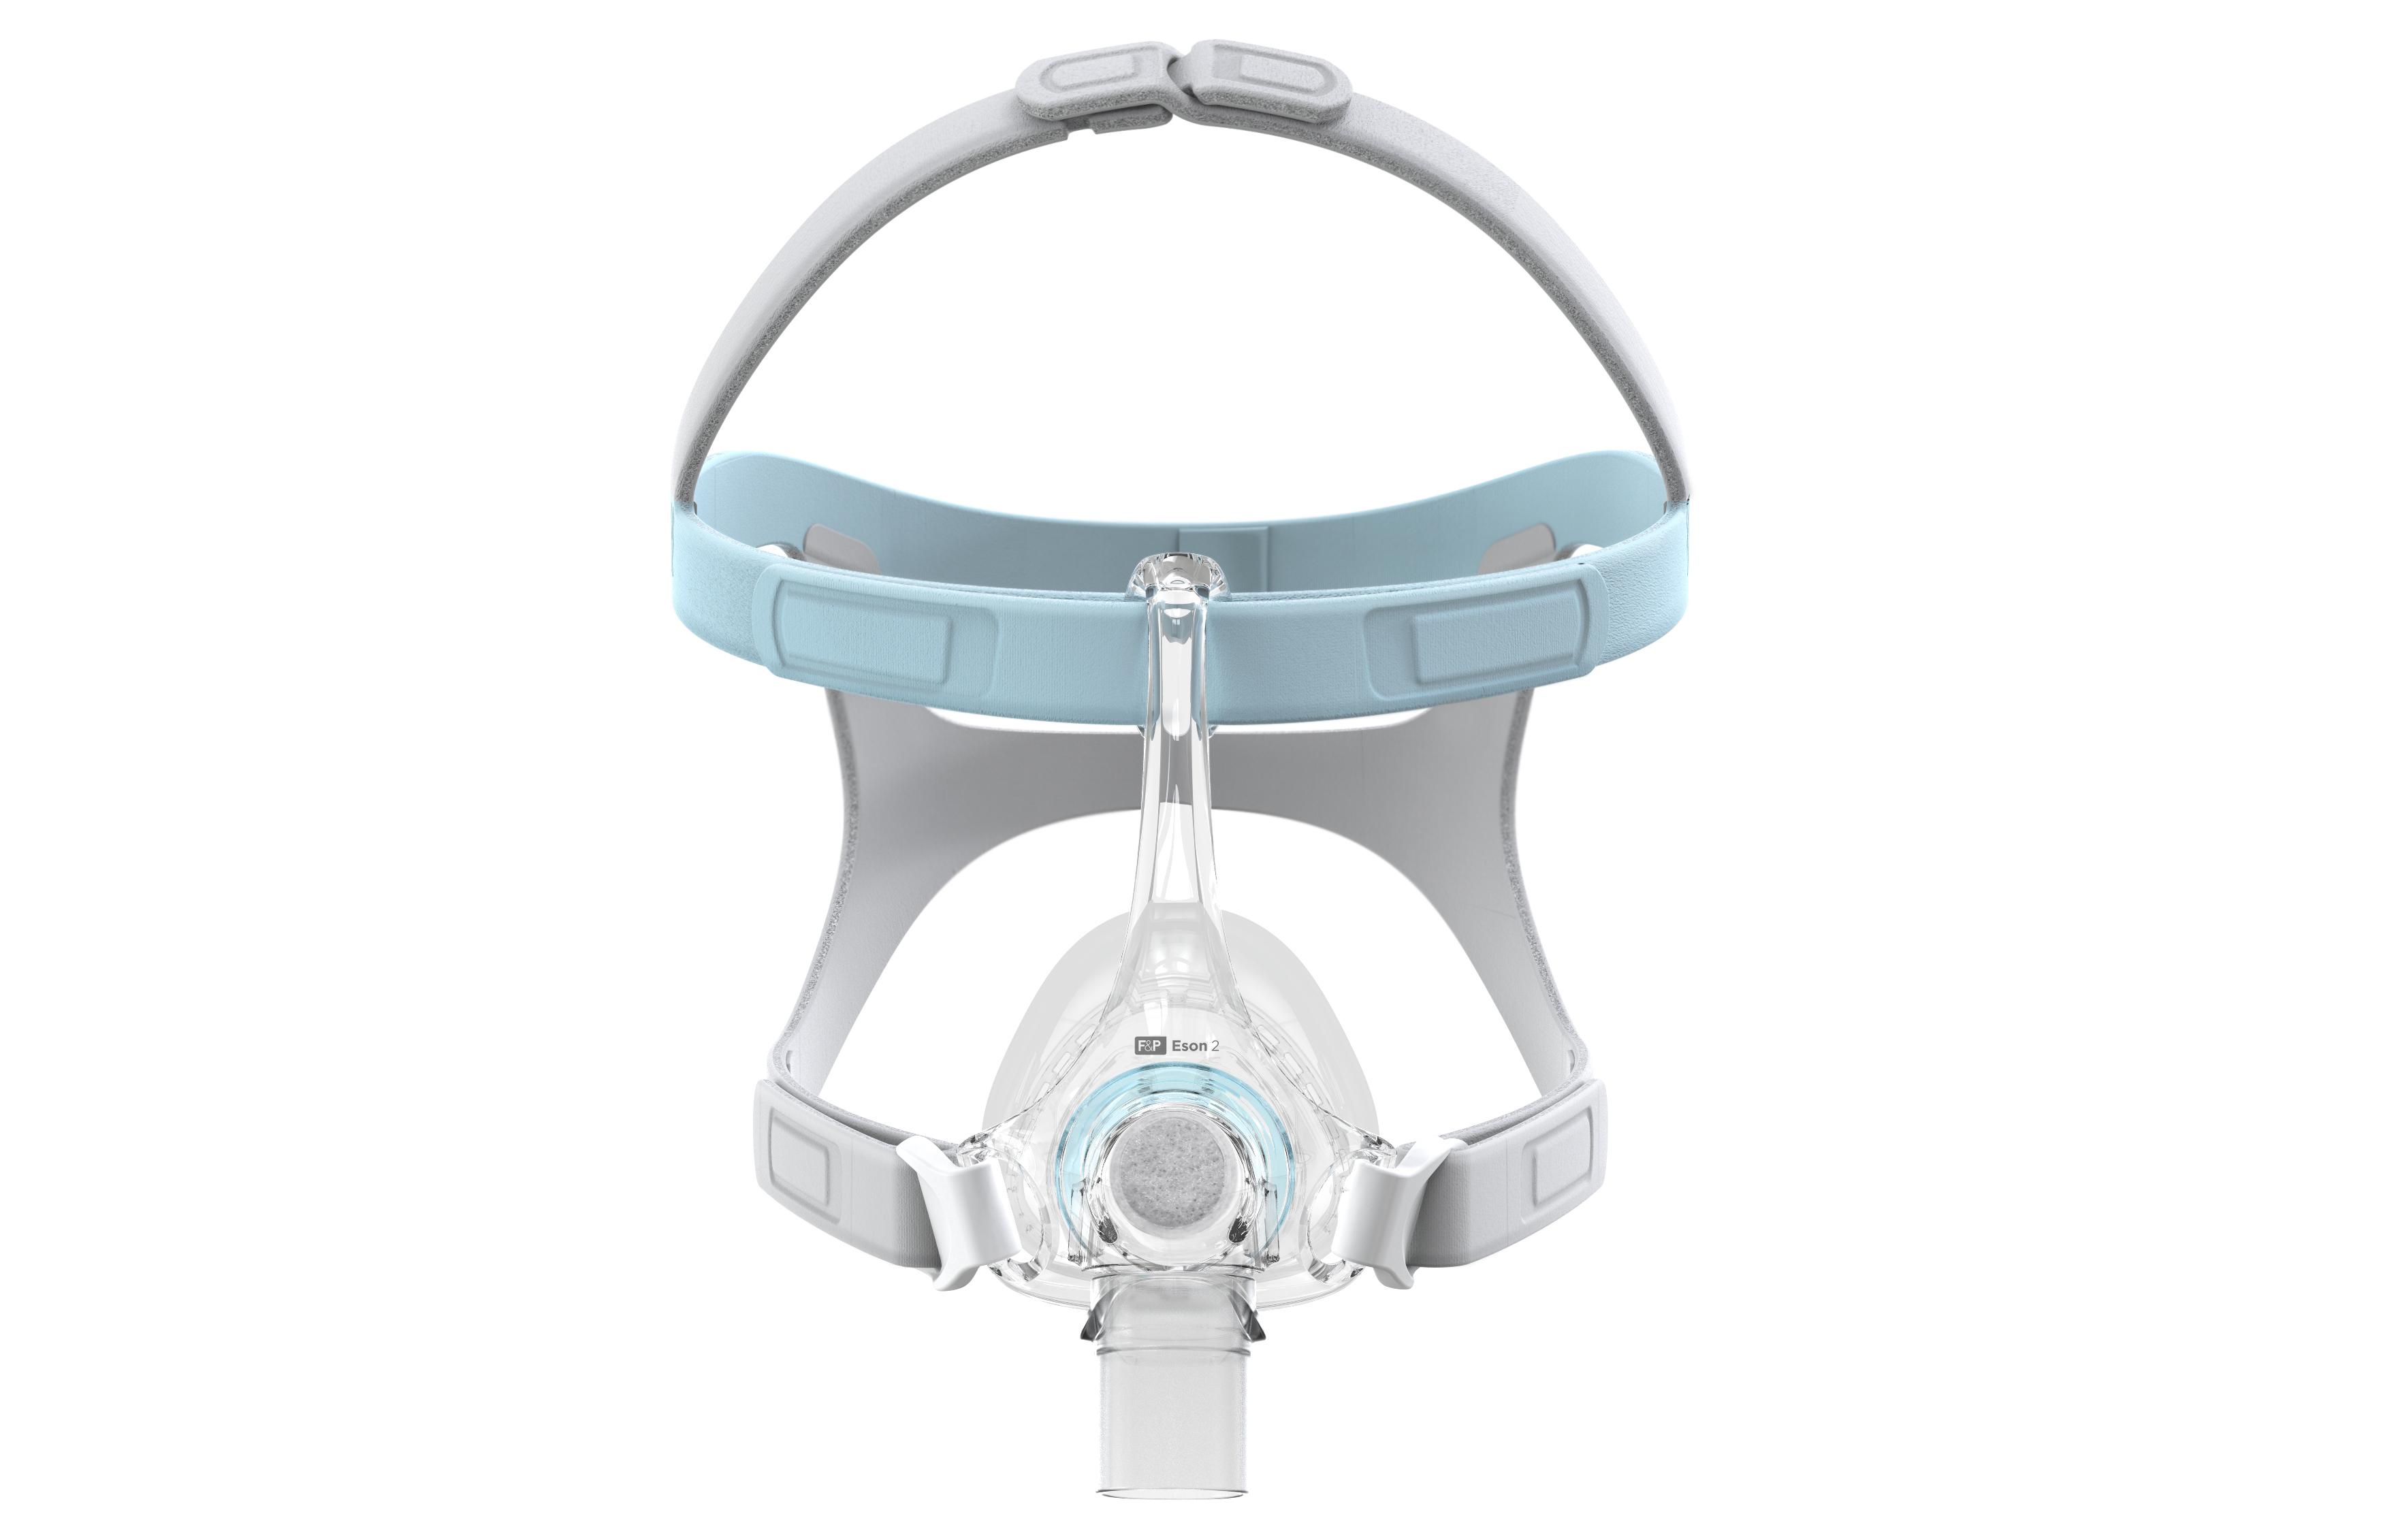 Eson 2 nasal mask